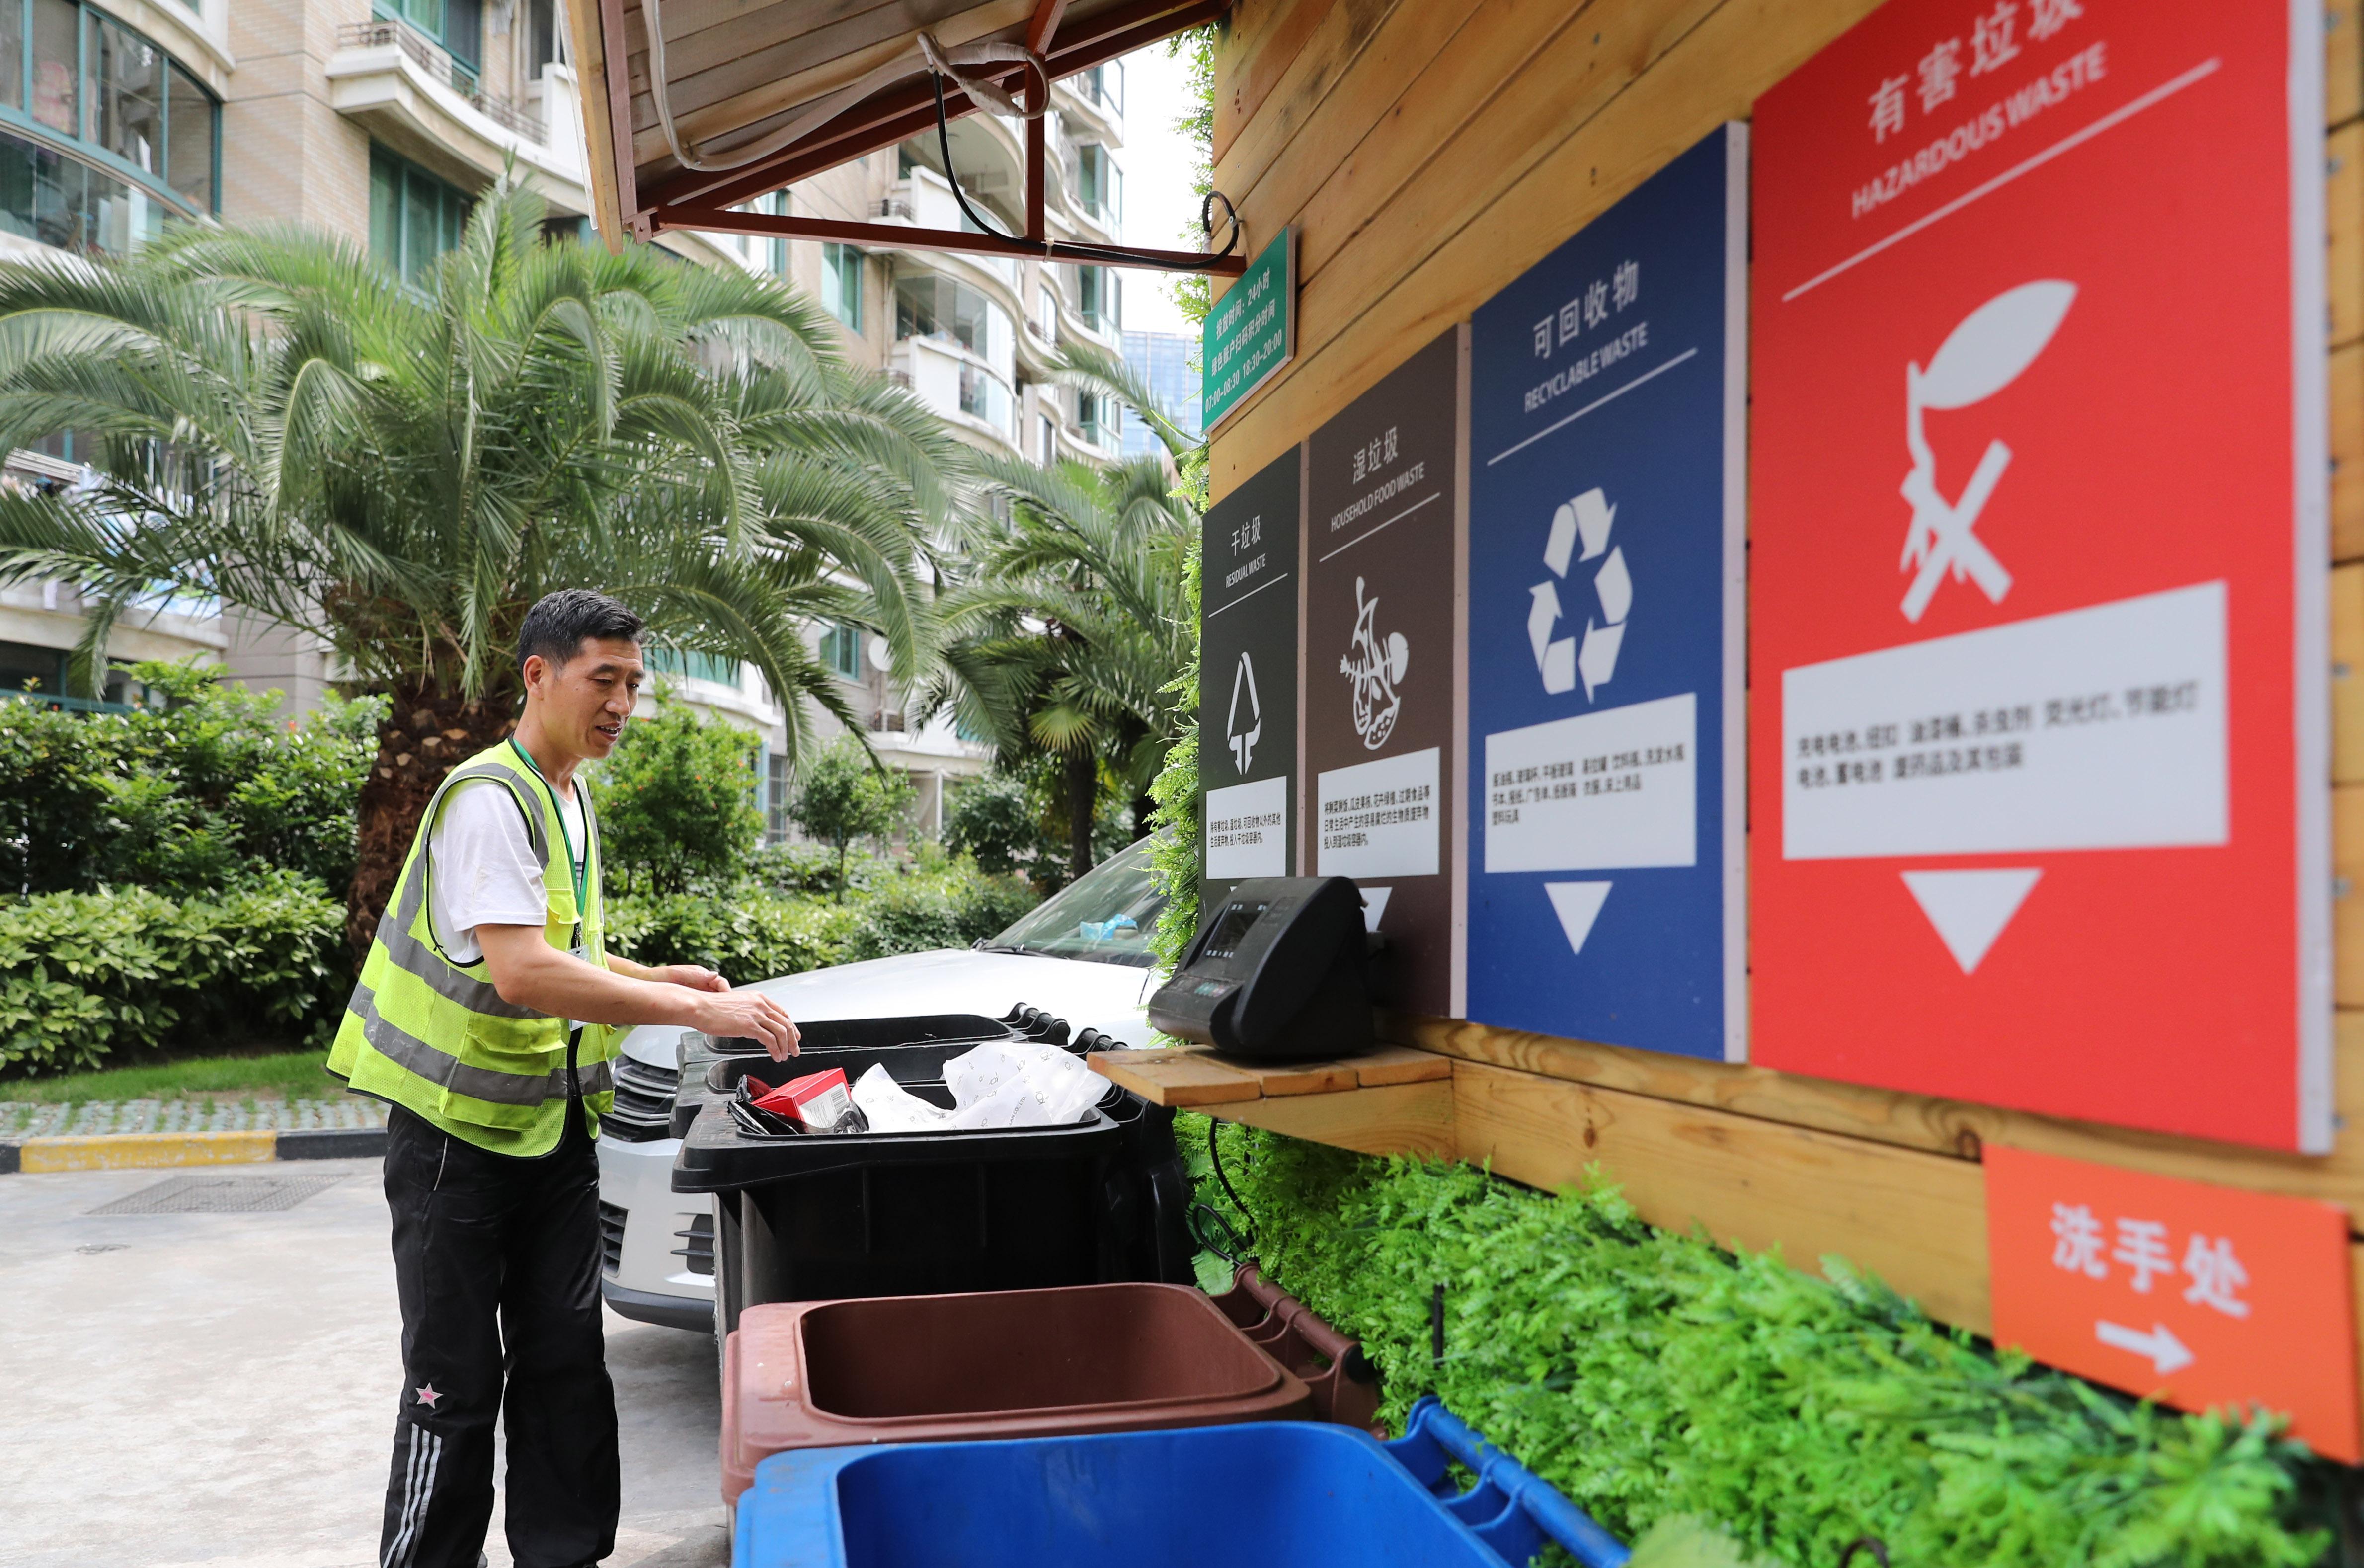 上海市民、7割以上が自主的にごみ分別